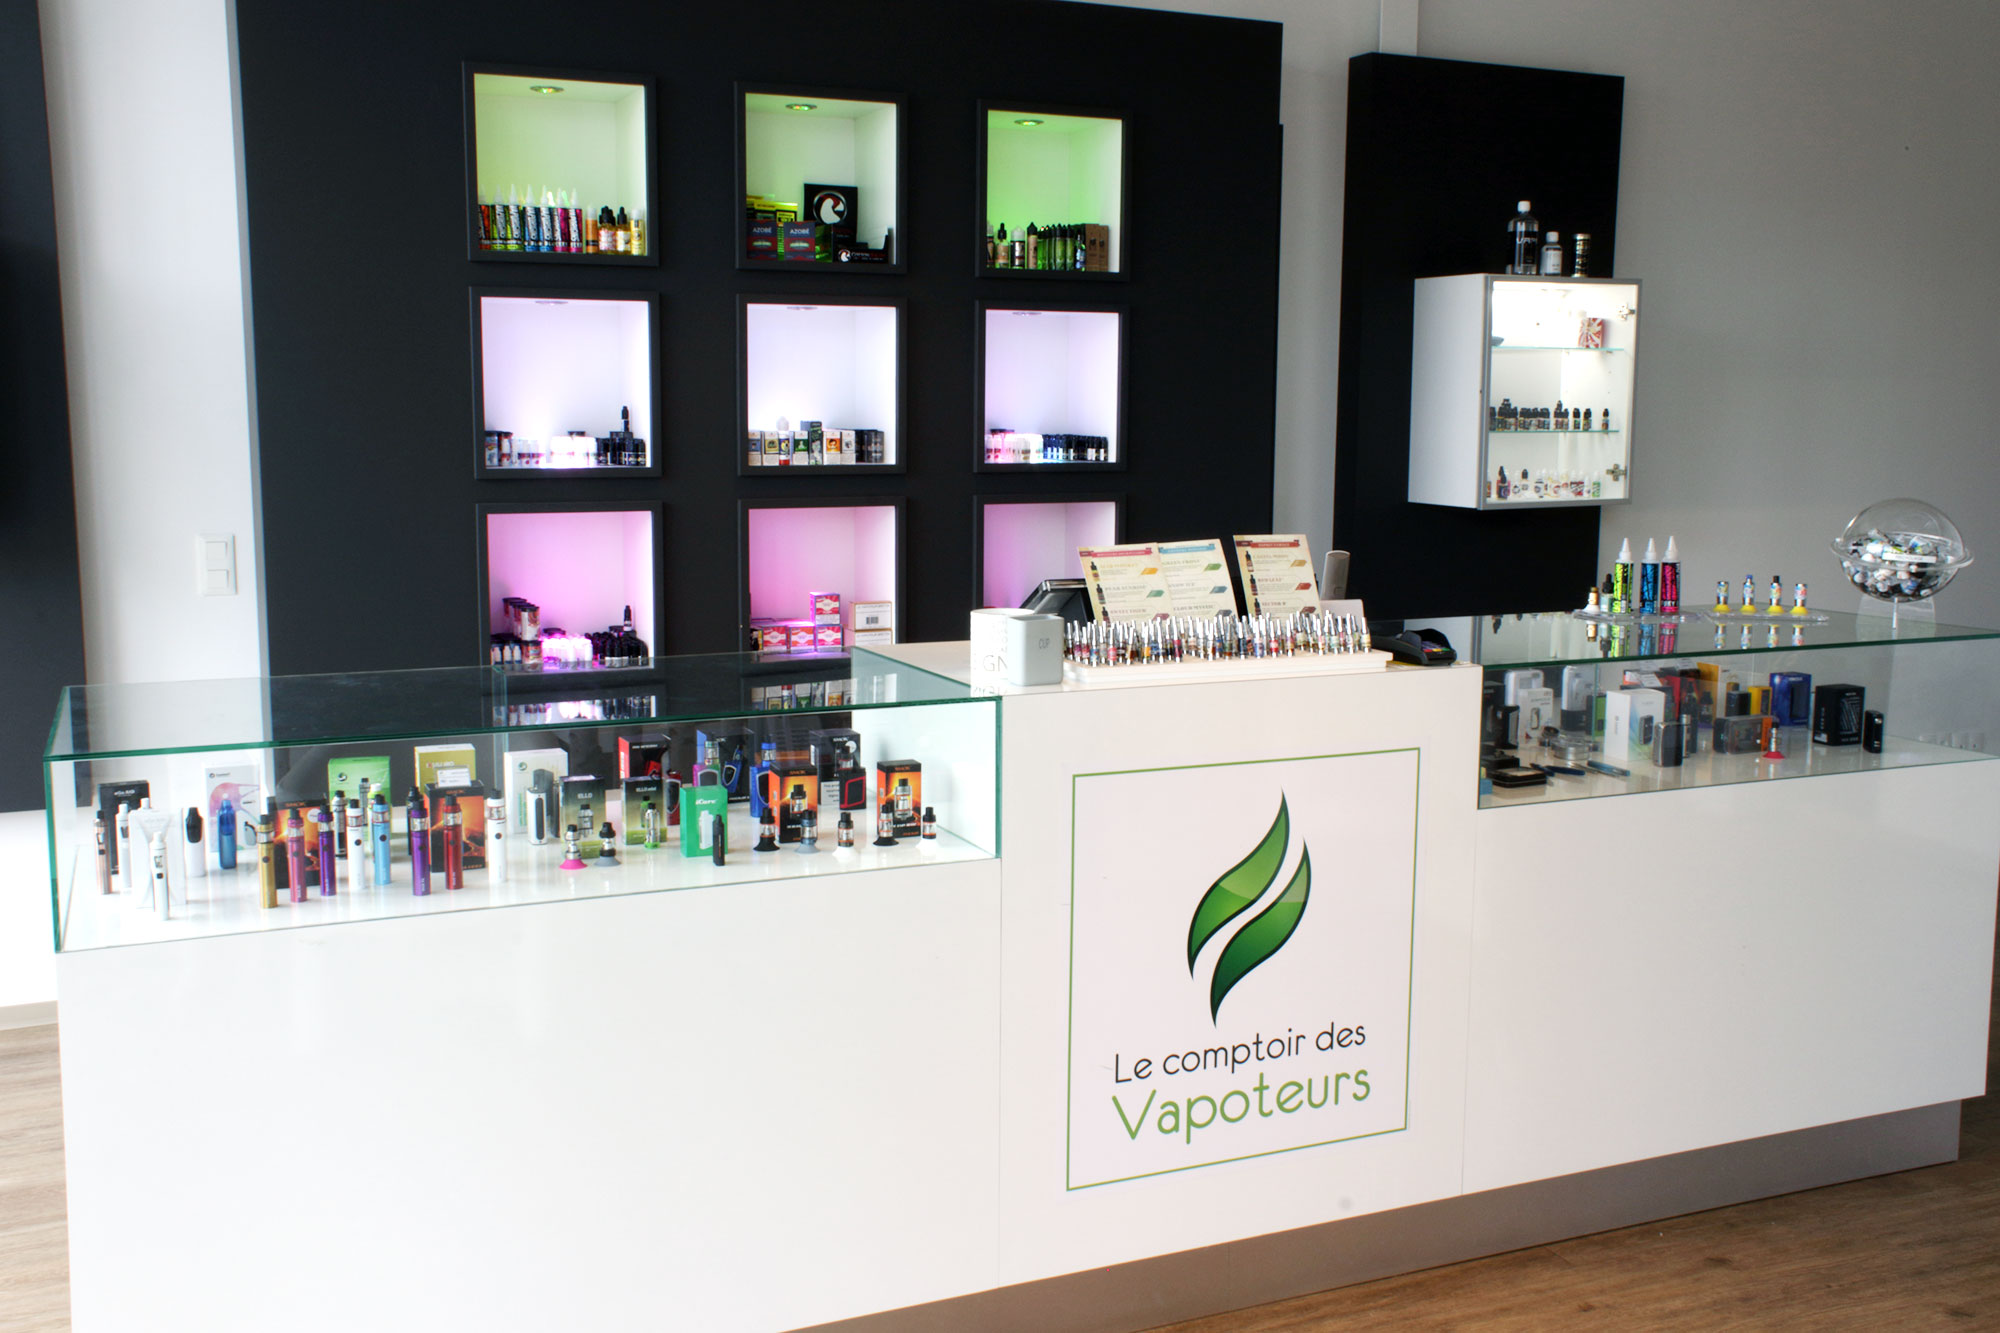 Magasin Poitiers Sud Comptoir des Vapoteurs Spécialiste E-cigarettes E-liquides DIY Poitiers Vienne 86 Castorama Auchan Sud